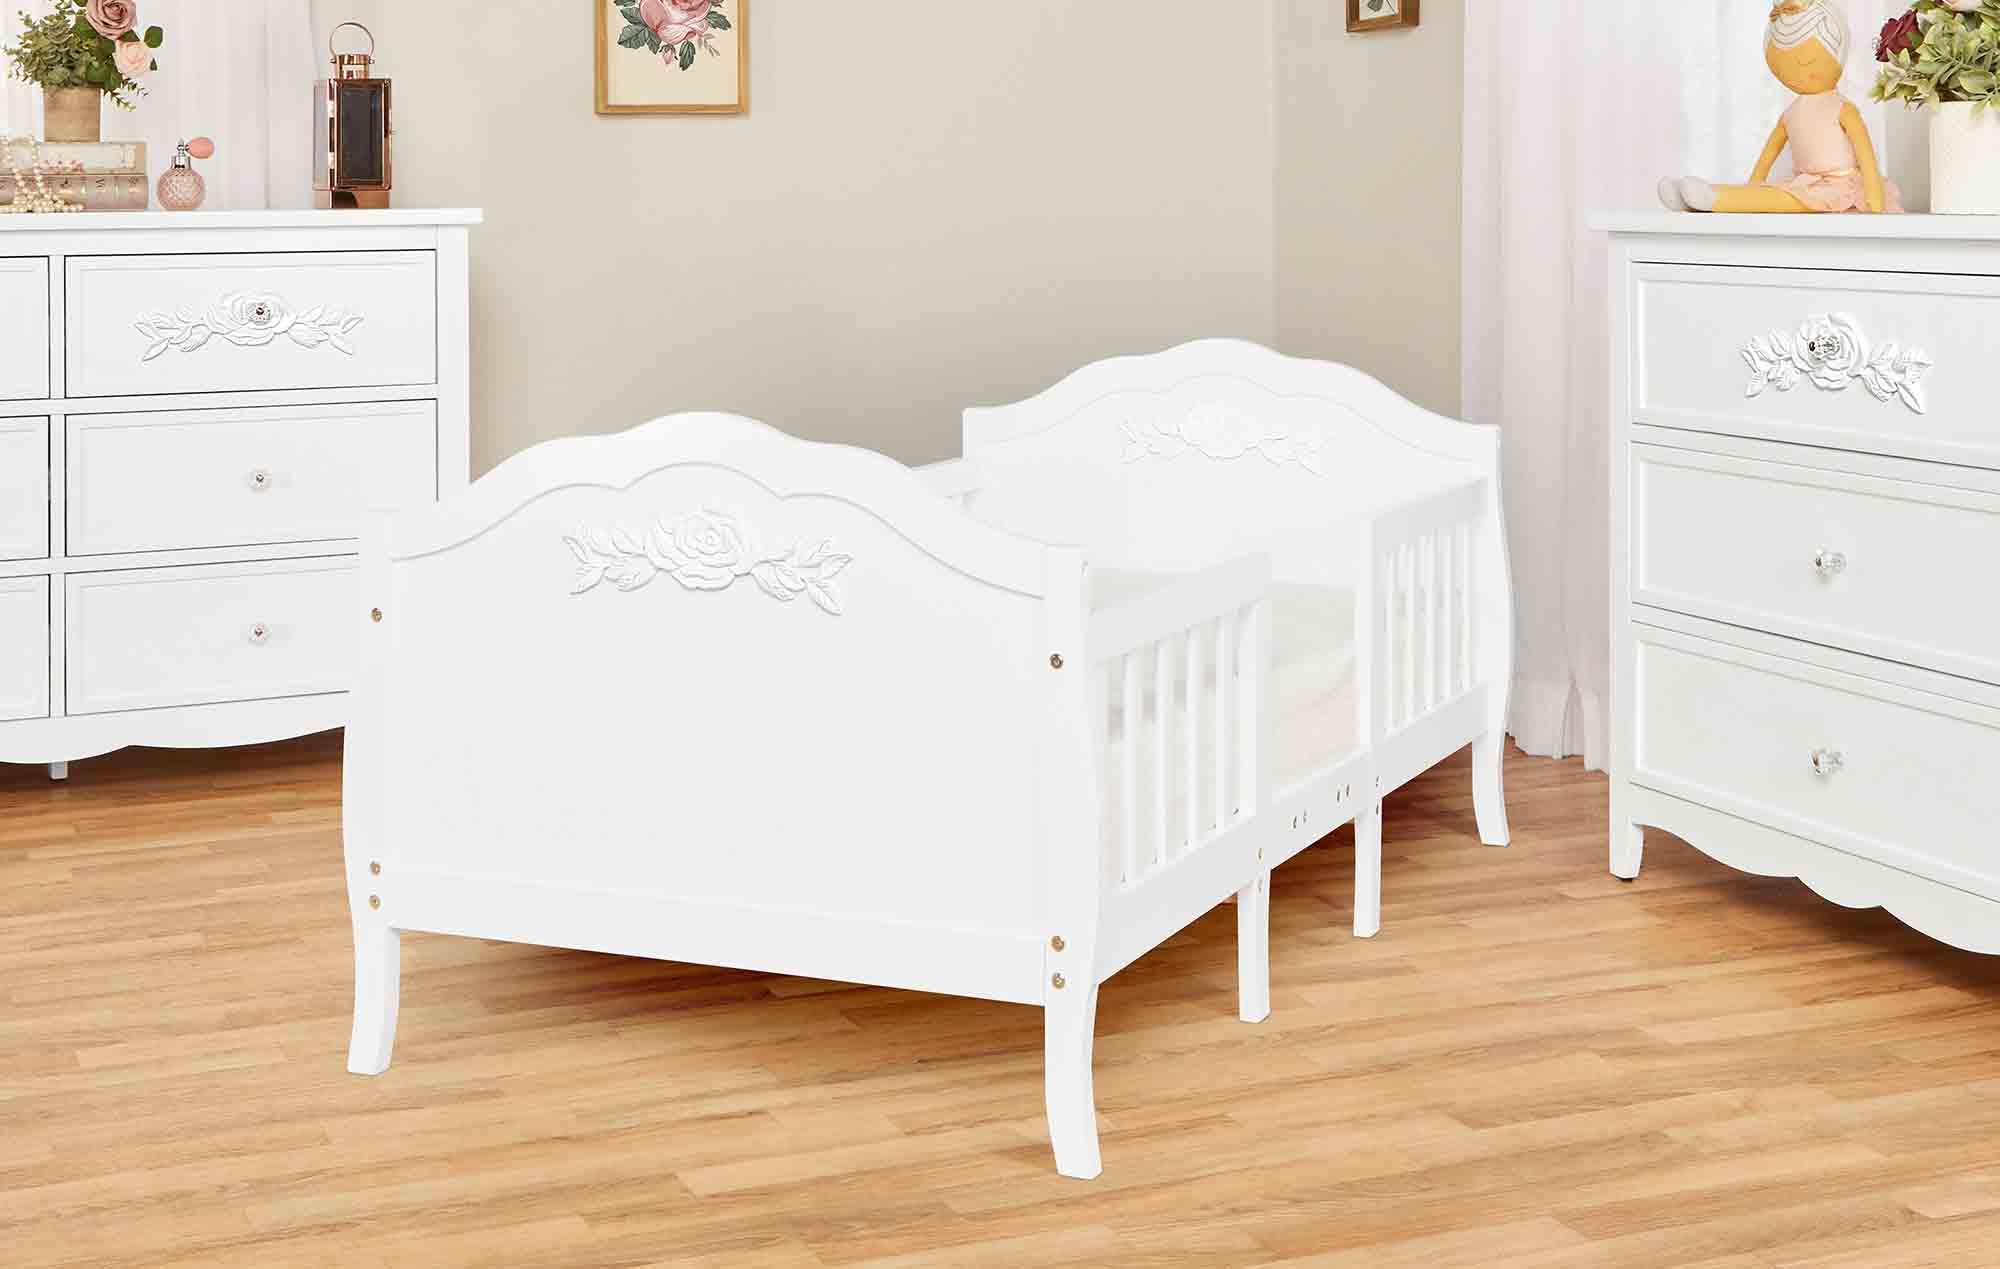 640_WHT Rose Toddler Bed RmScene 04